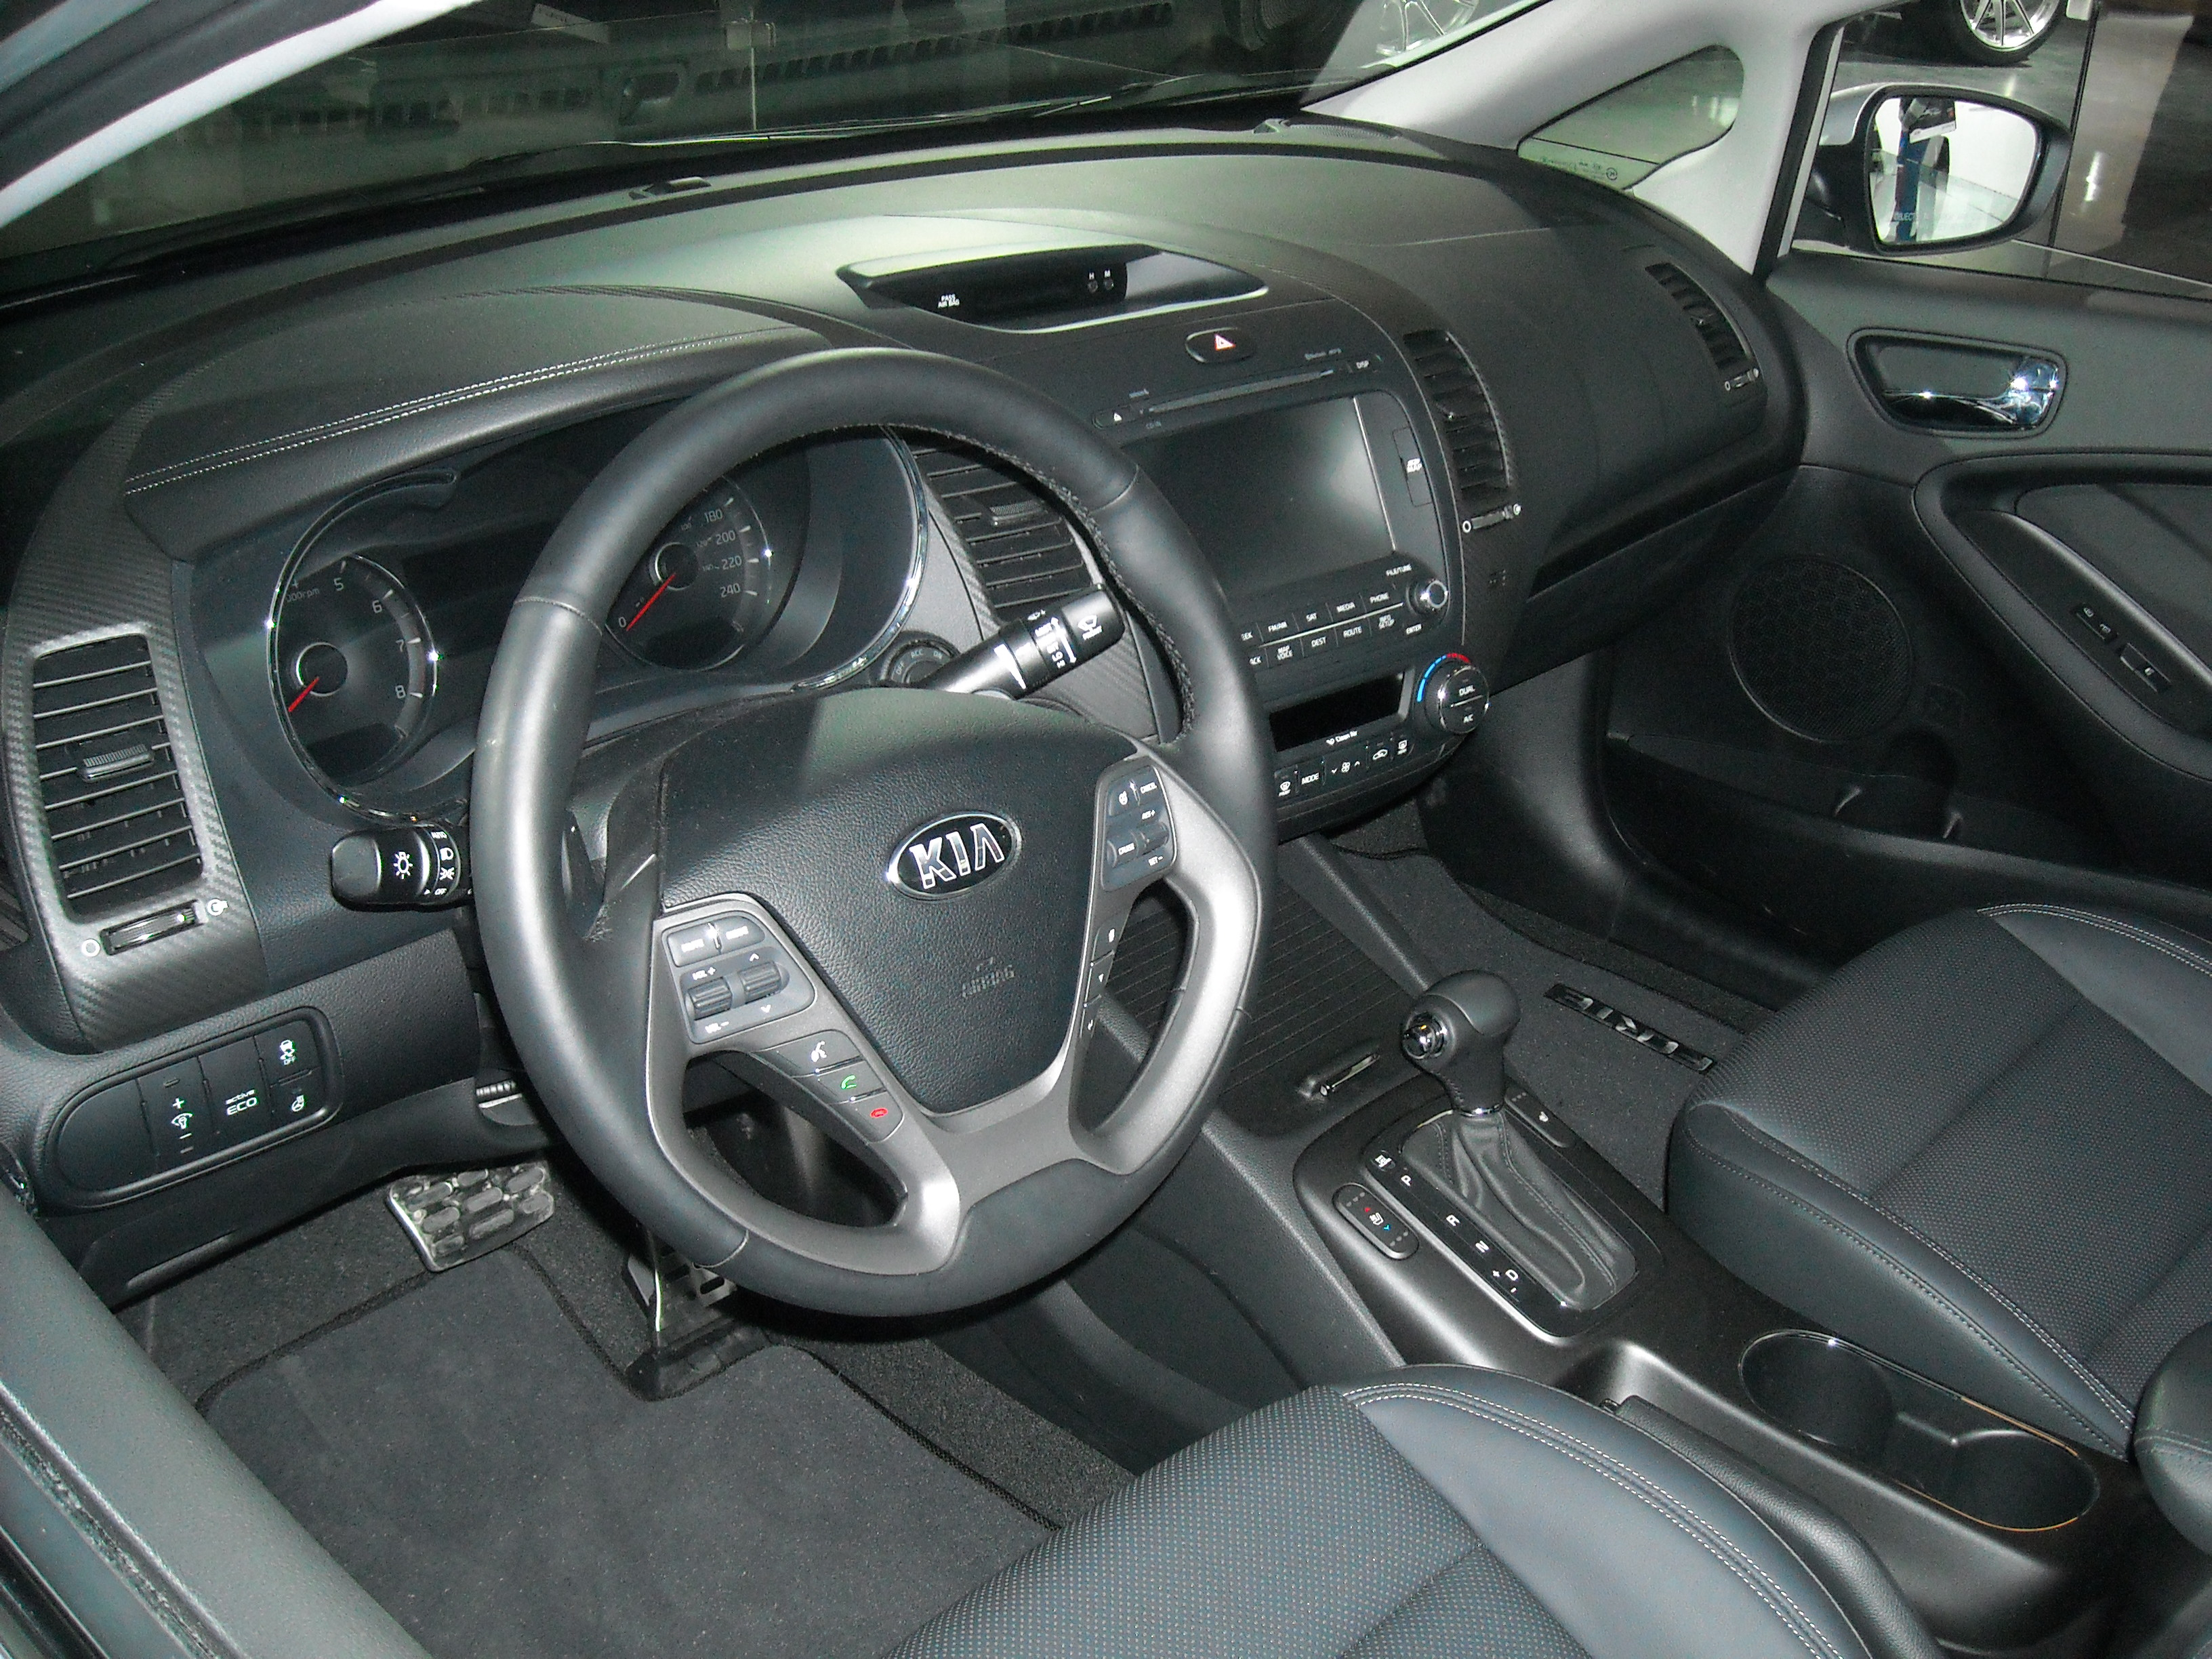 File:Kia Forte 2014 Interior MIAS.JPG